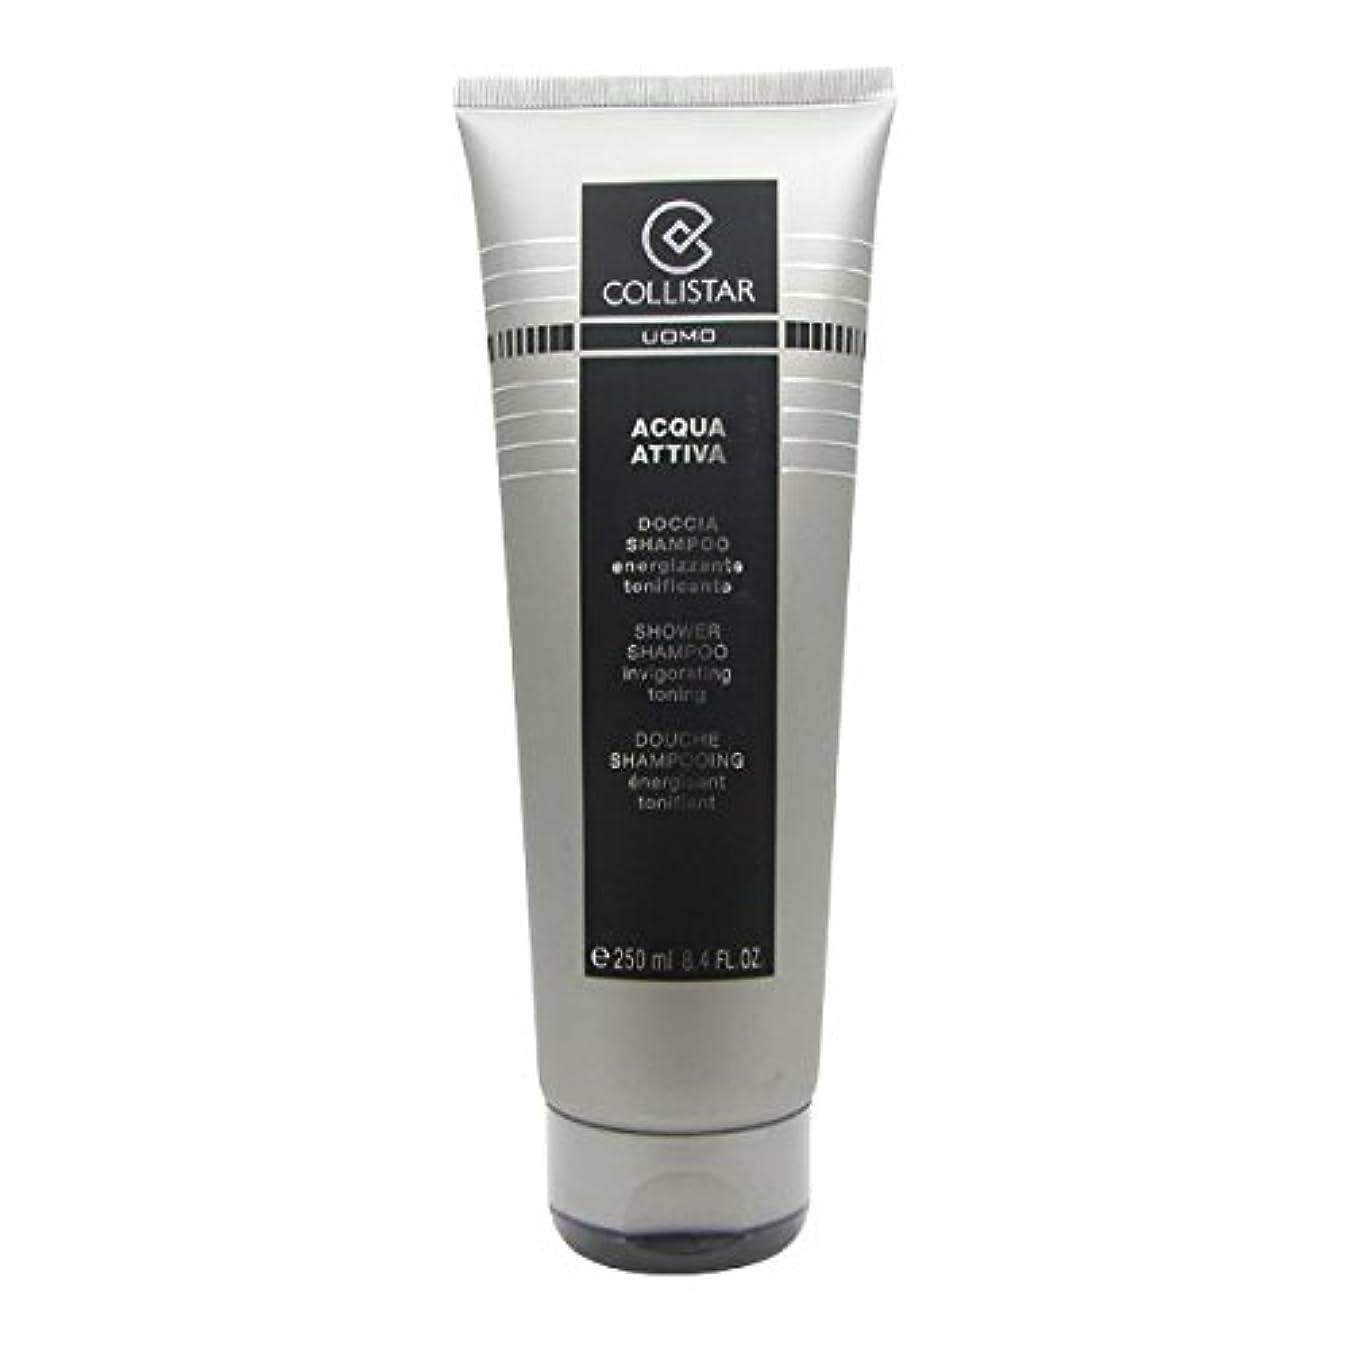 ごちそうキャスト実現可能Collistar Men Acqua Attiva Shower Shampoo 250ml [並行輸入品]